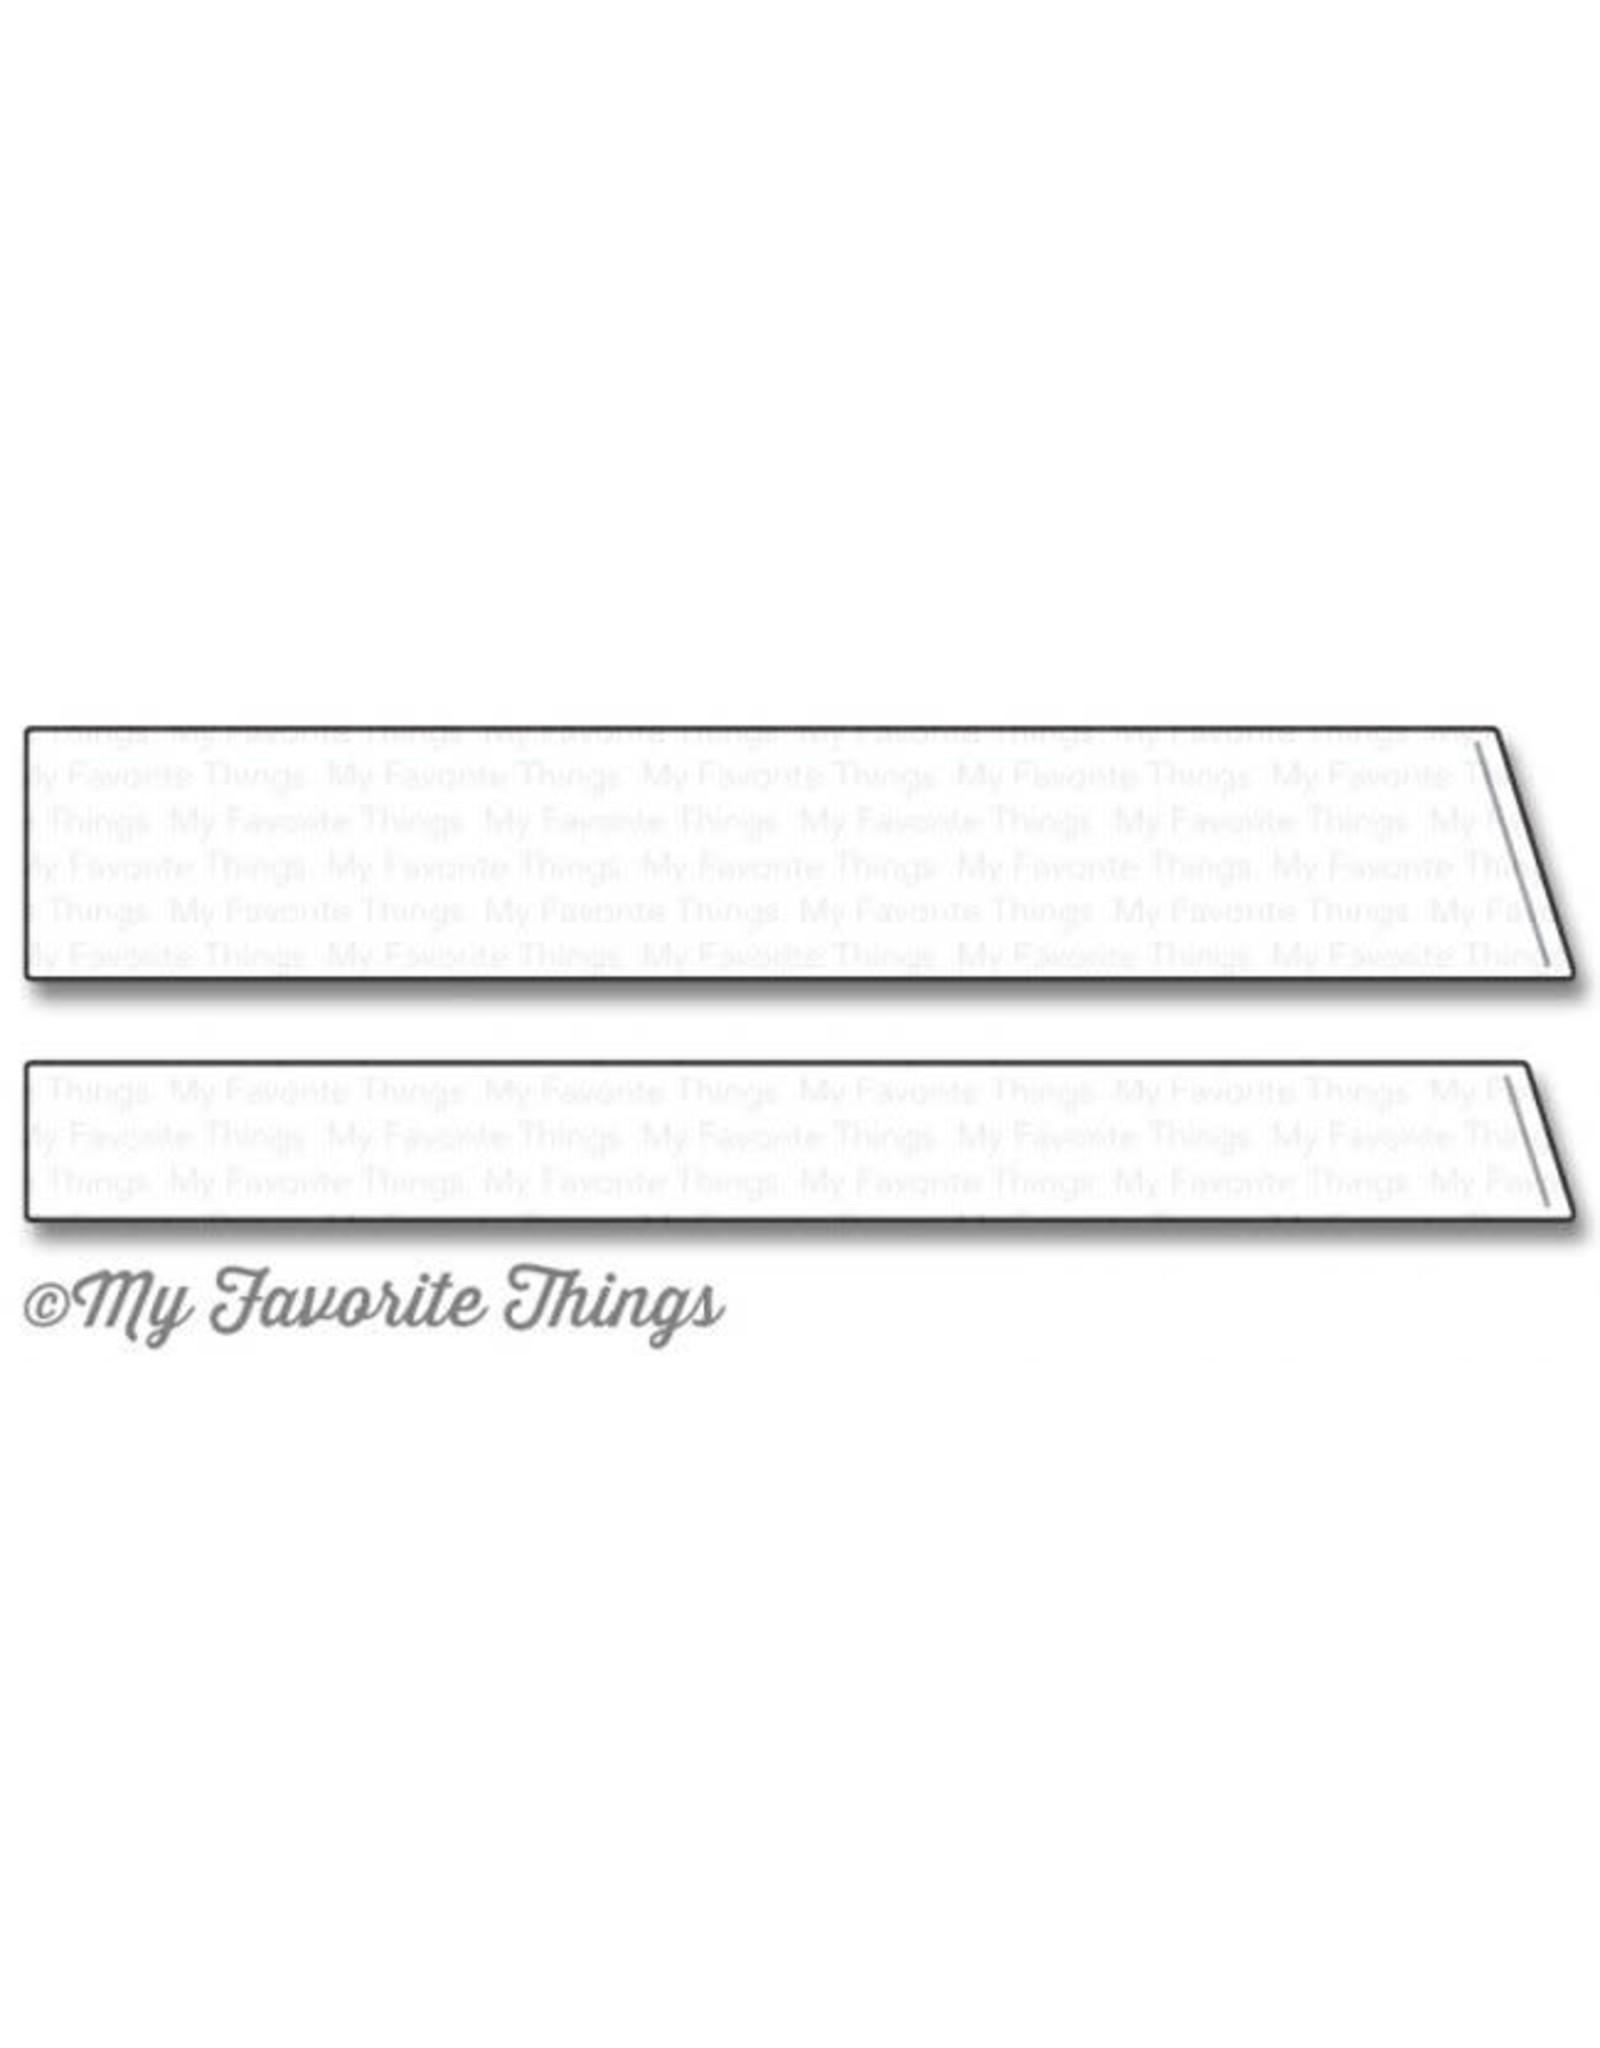 My Favorite Things Slanted Sentiment Strips - Die Set (RETIRED) (25%)